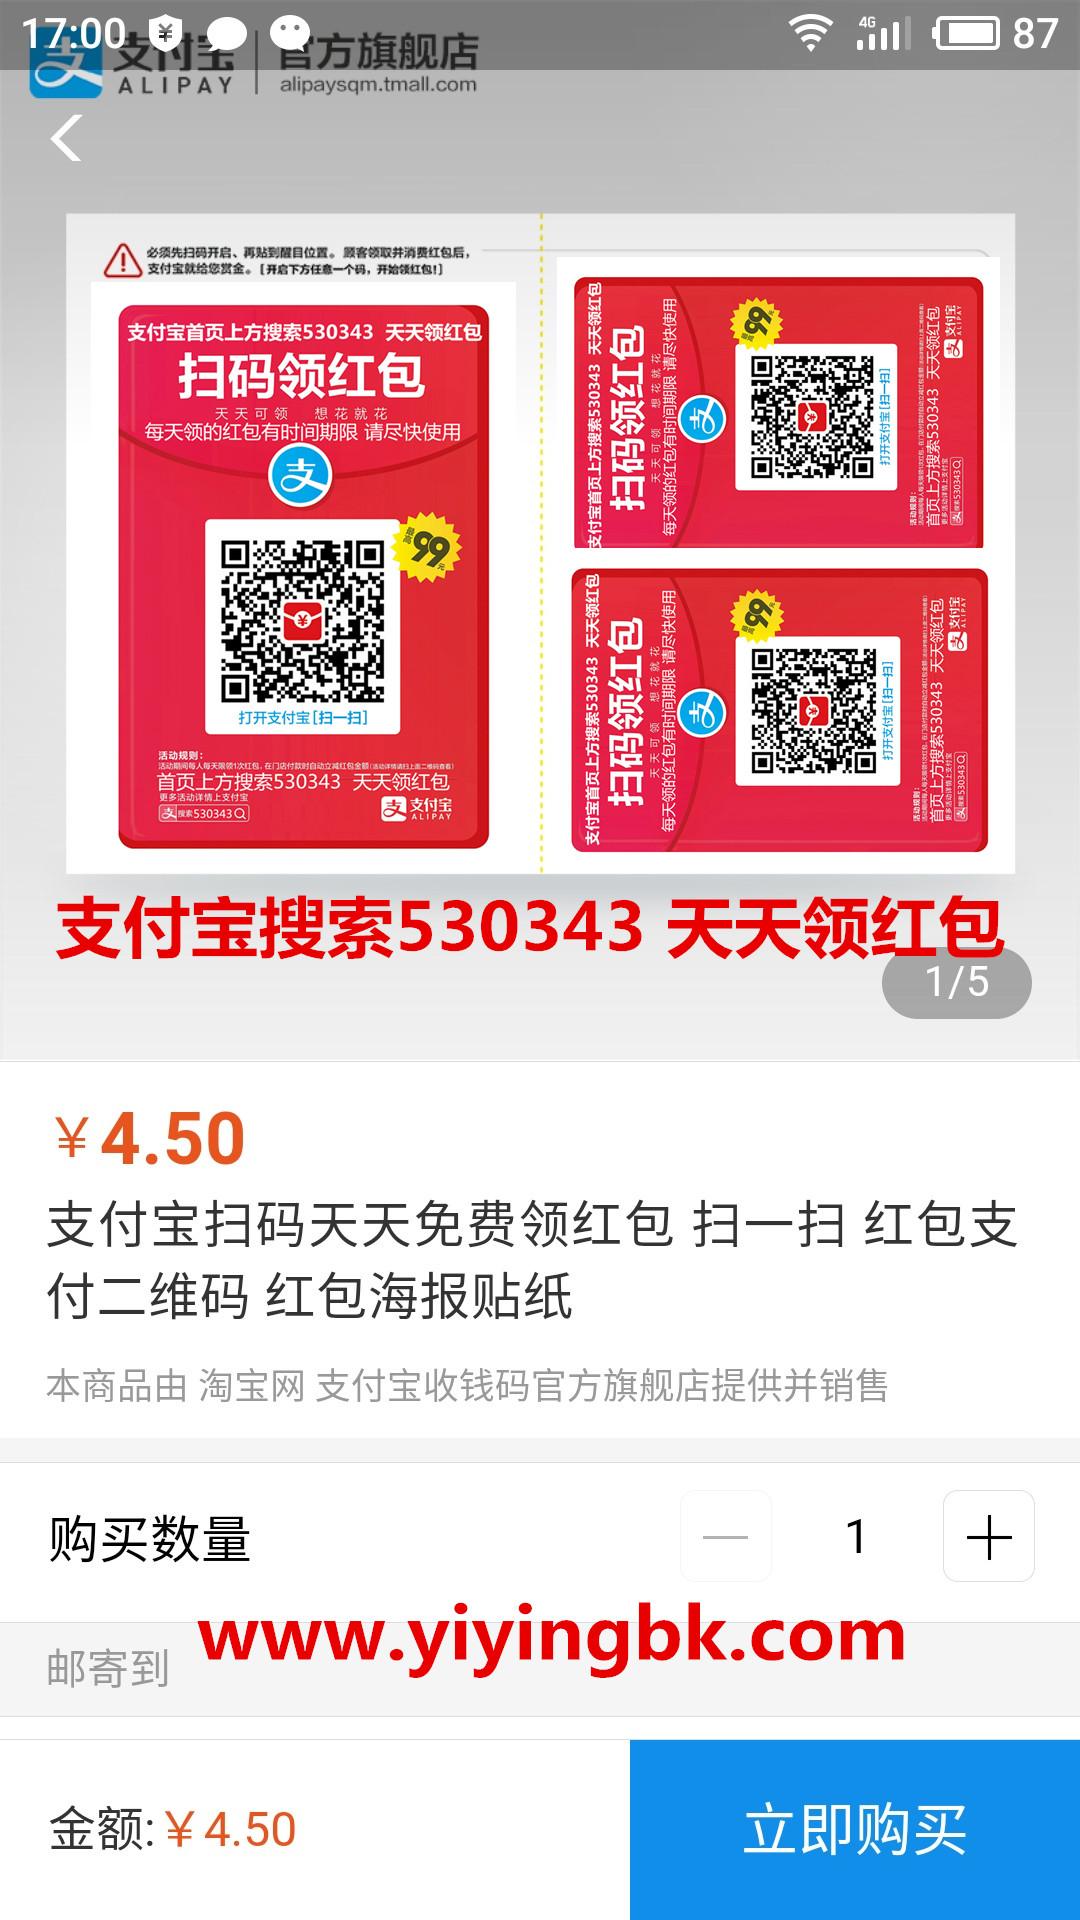 支付宝:红包码赏金限时升级 单笔最高30元 总额上不封顶